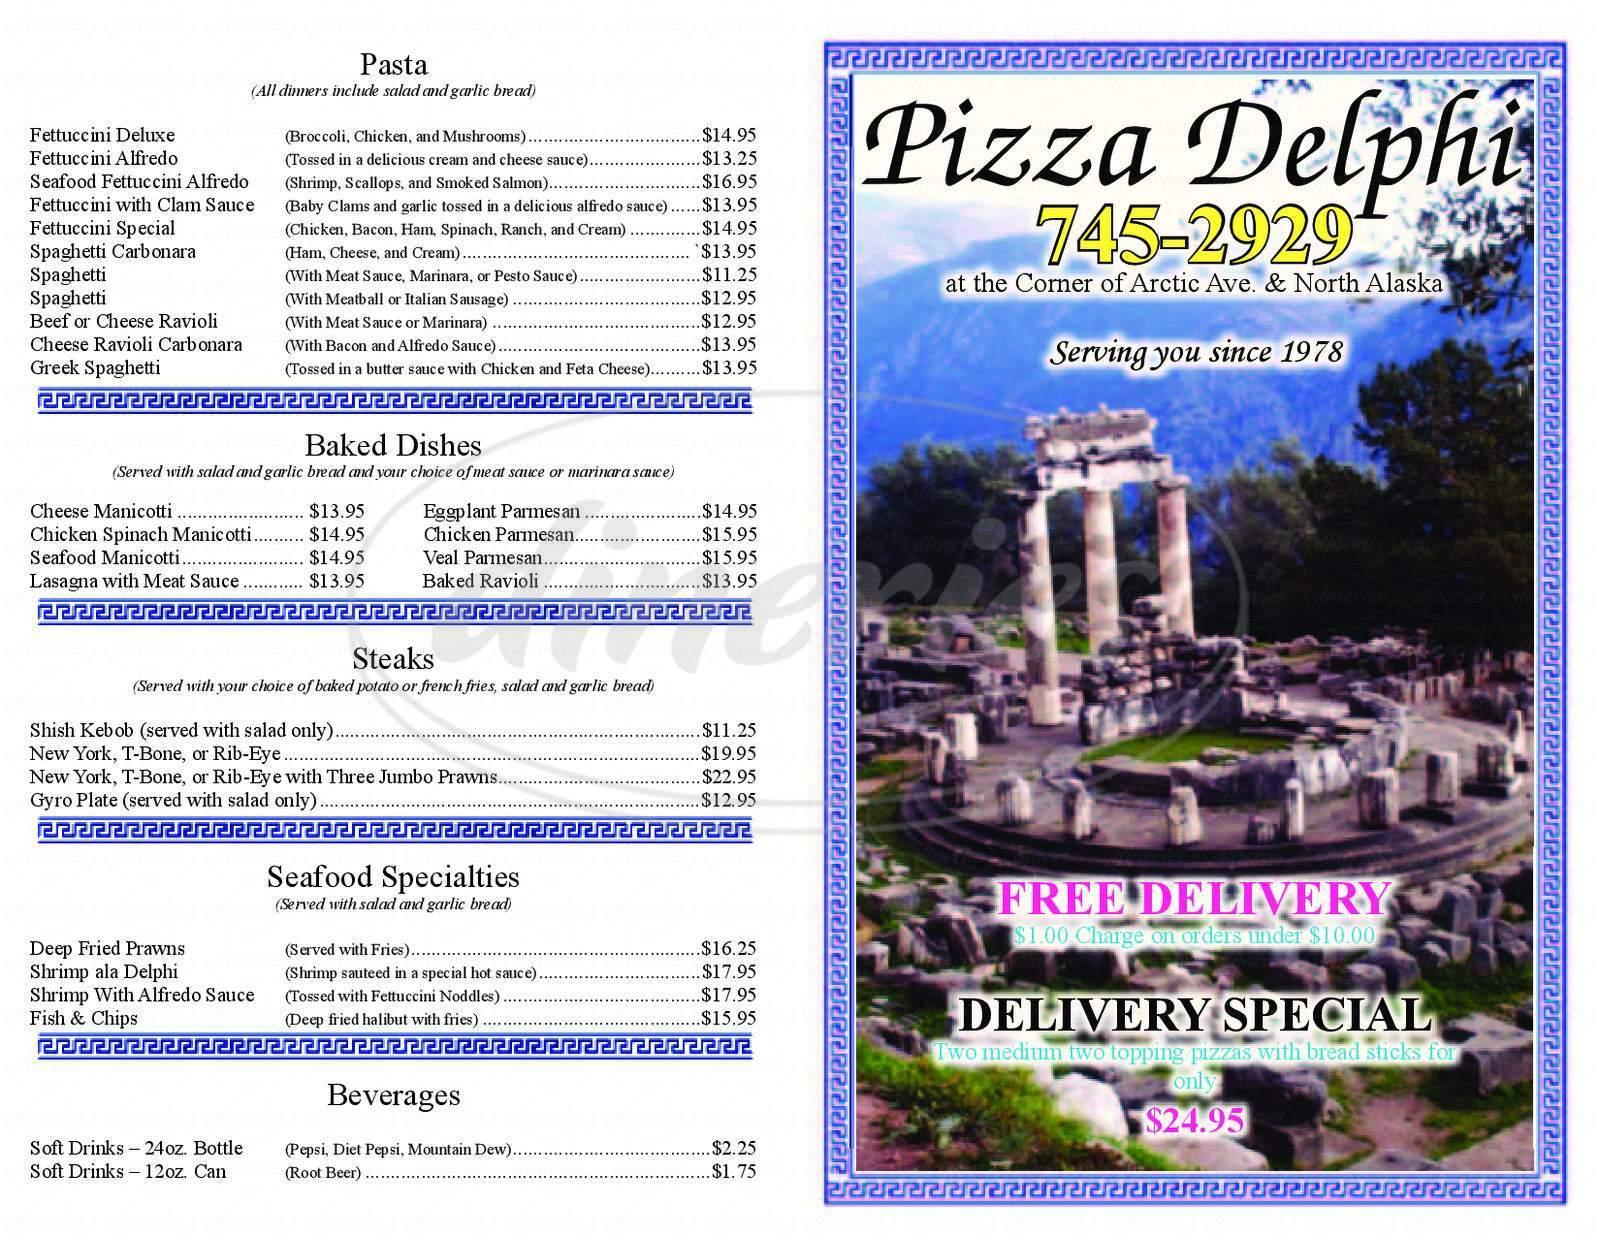 menu for Pizzaria Delphi